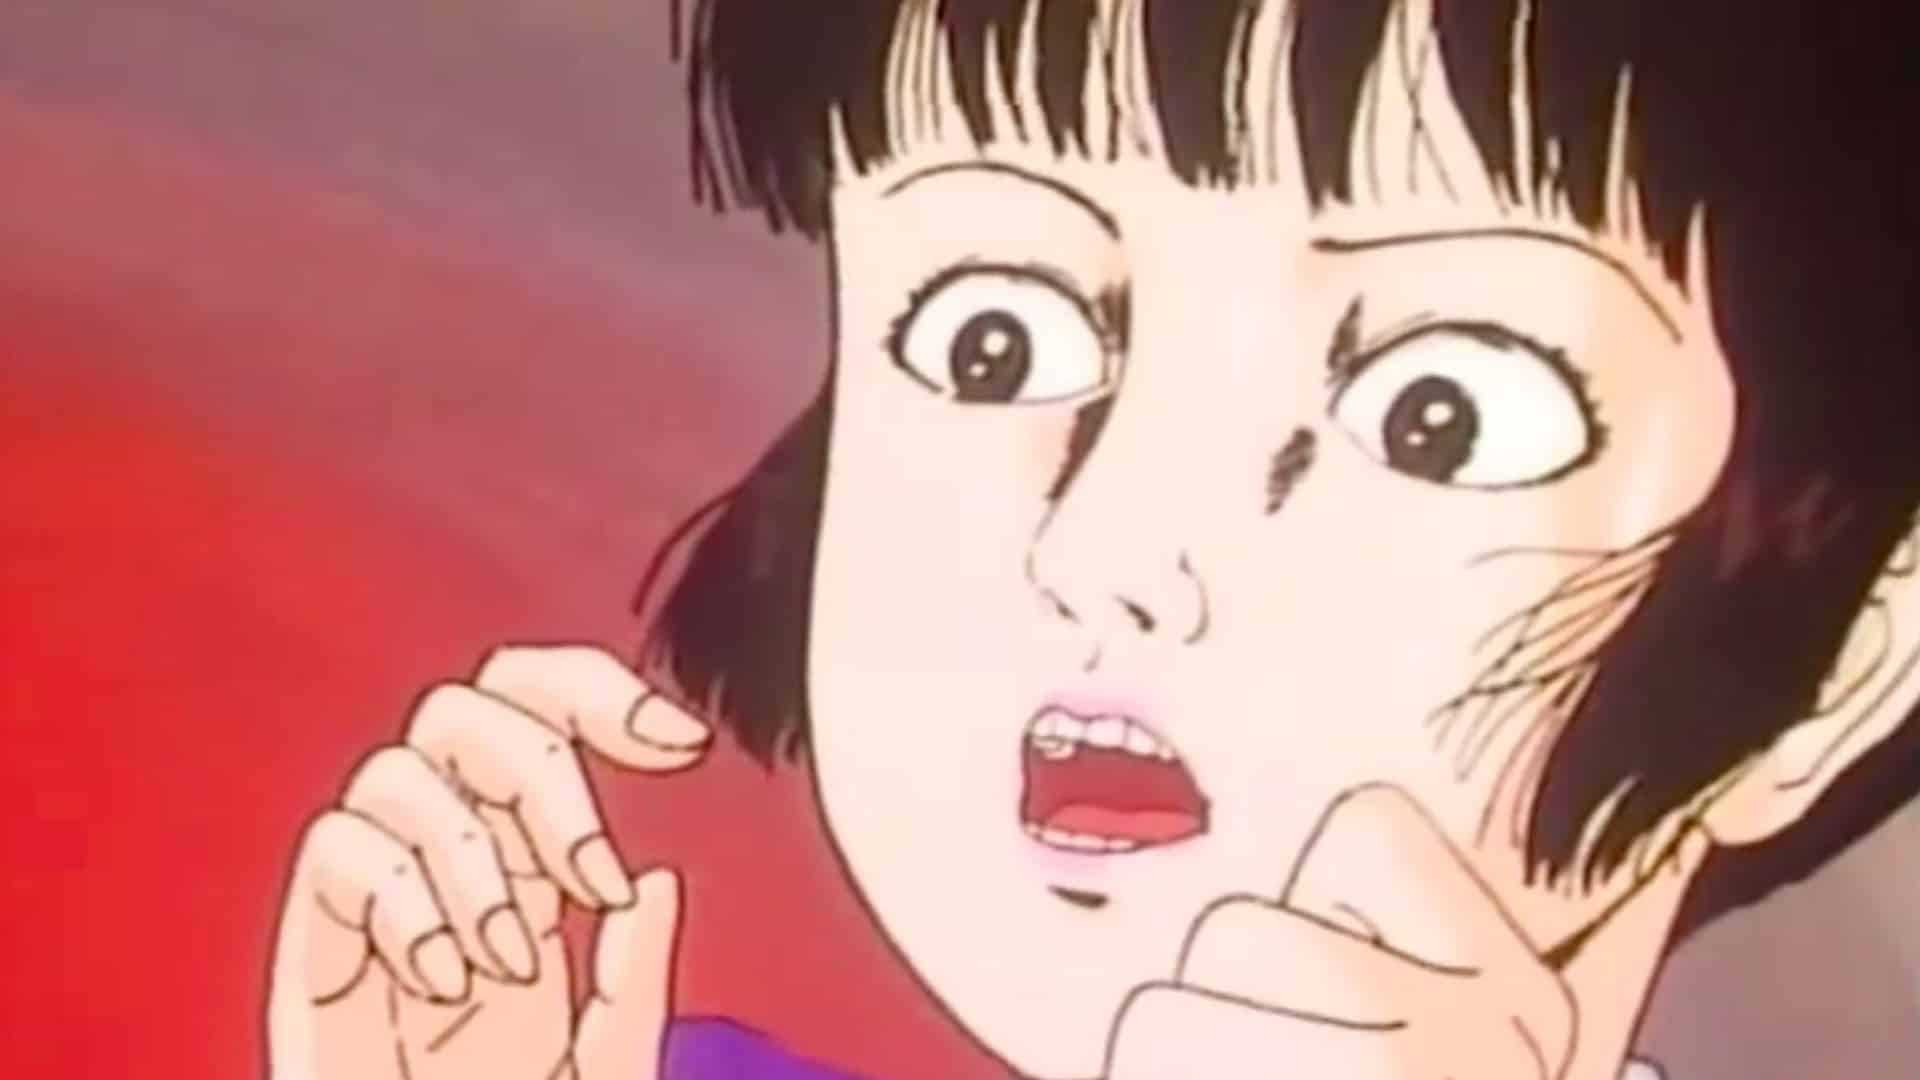 Midori anime